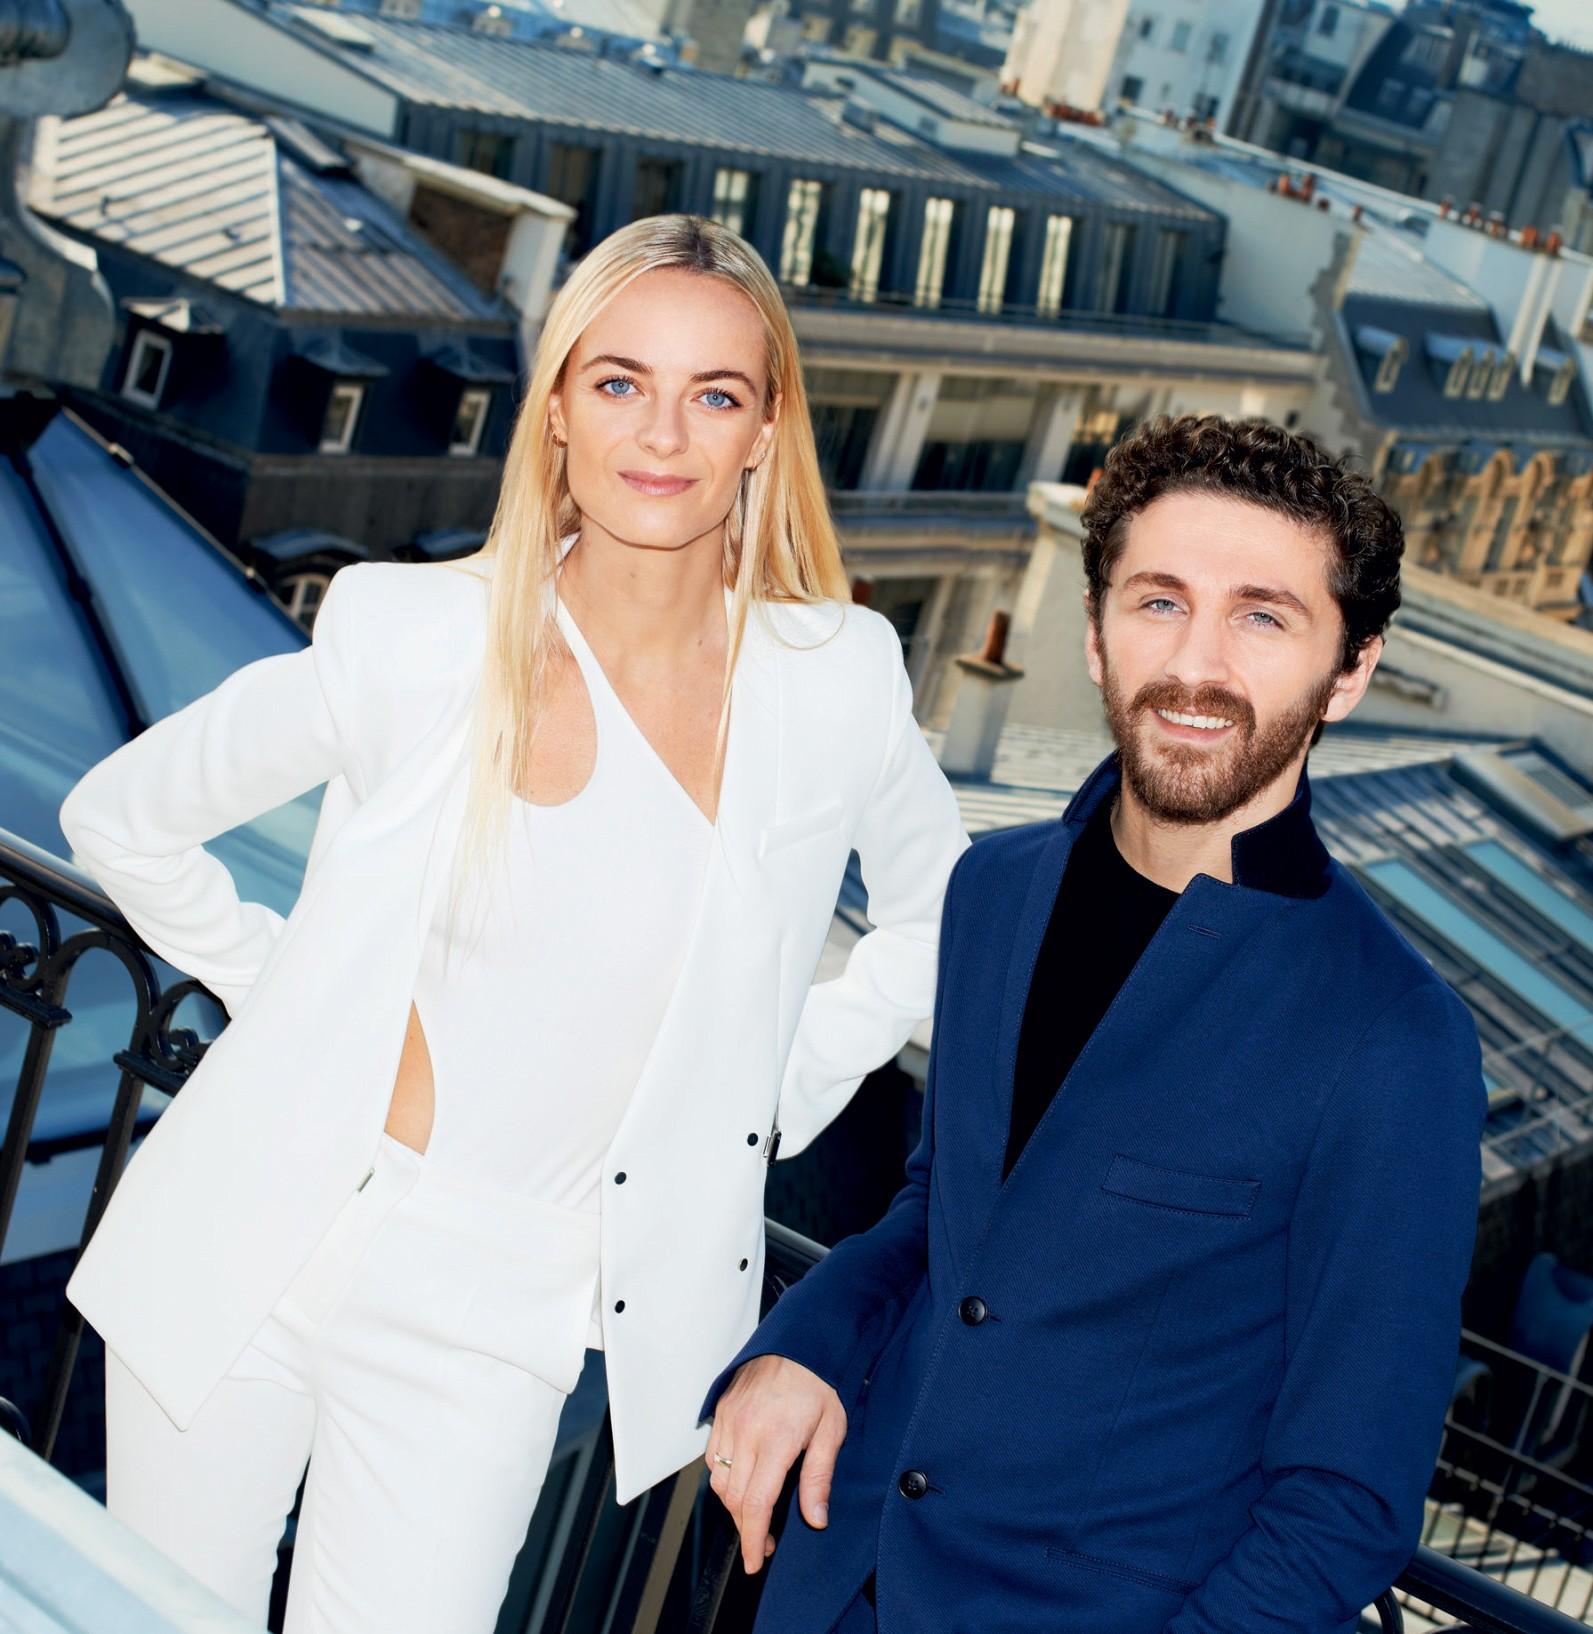 David Koma posa ao lado de Virginie Courtin-Clarins, diretora de marketing e seu copiloto na Mugler, que veste look criado pelo estilista para a maison parisiense (Foto: Imaxtree e Getty Images)